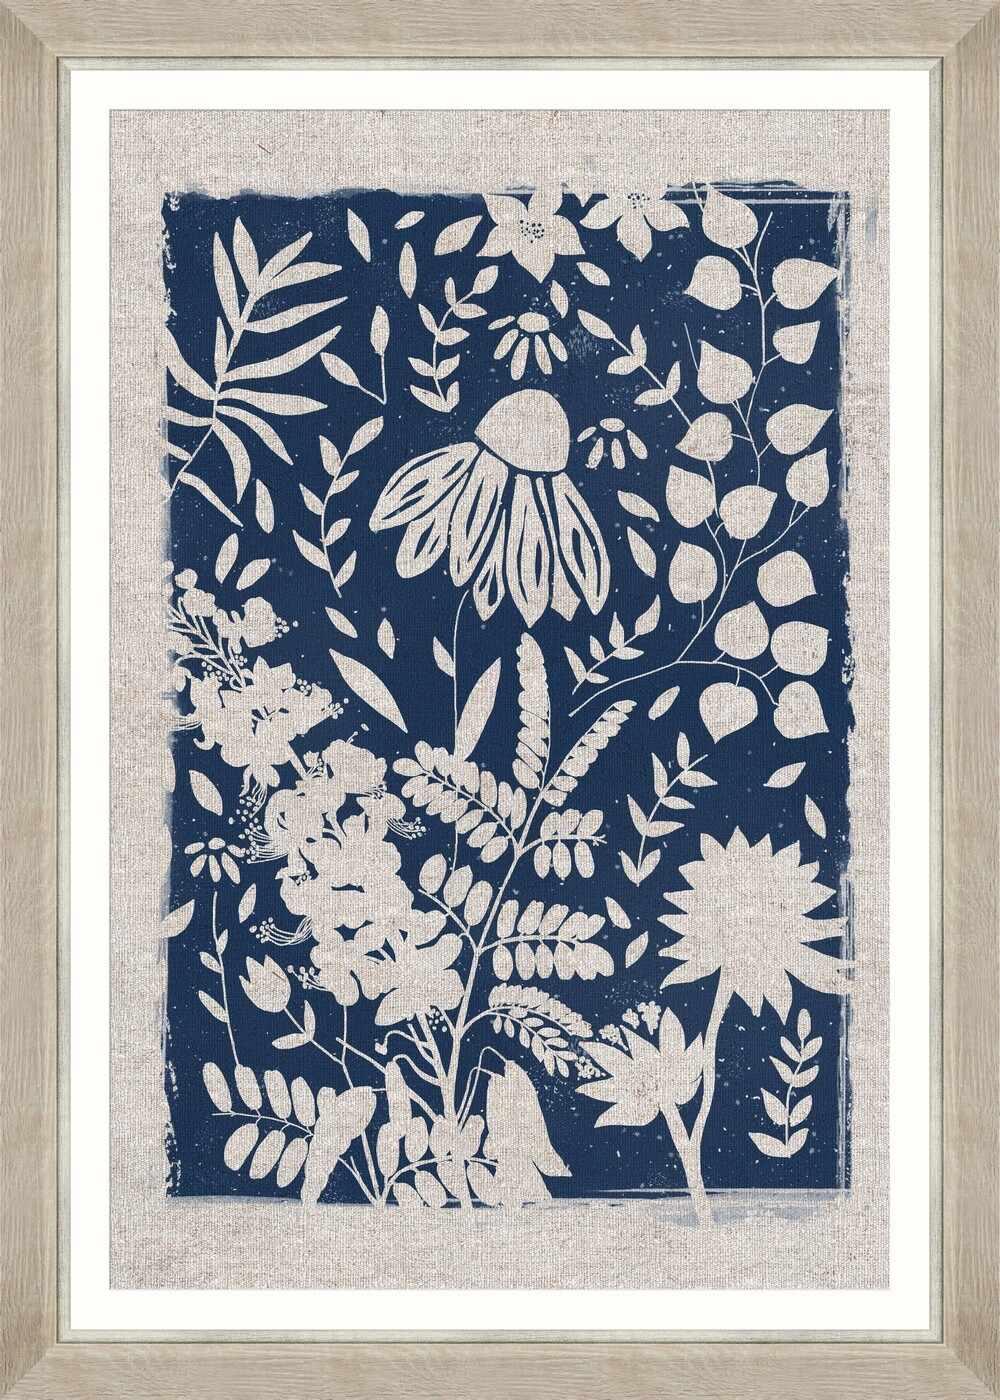 Tablou Framed Art Linocut Florals III la pret 573 lei